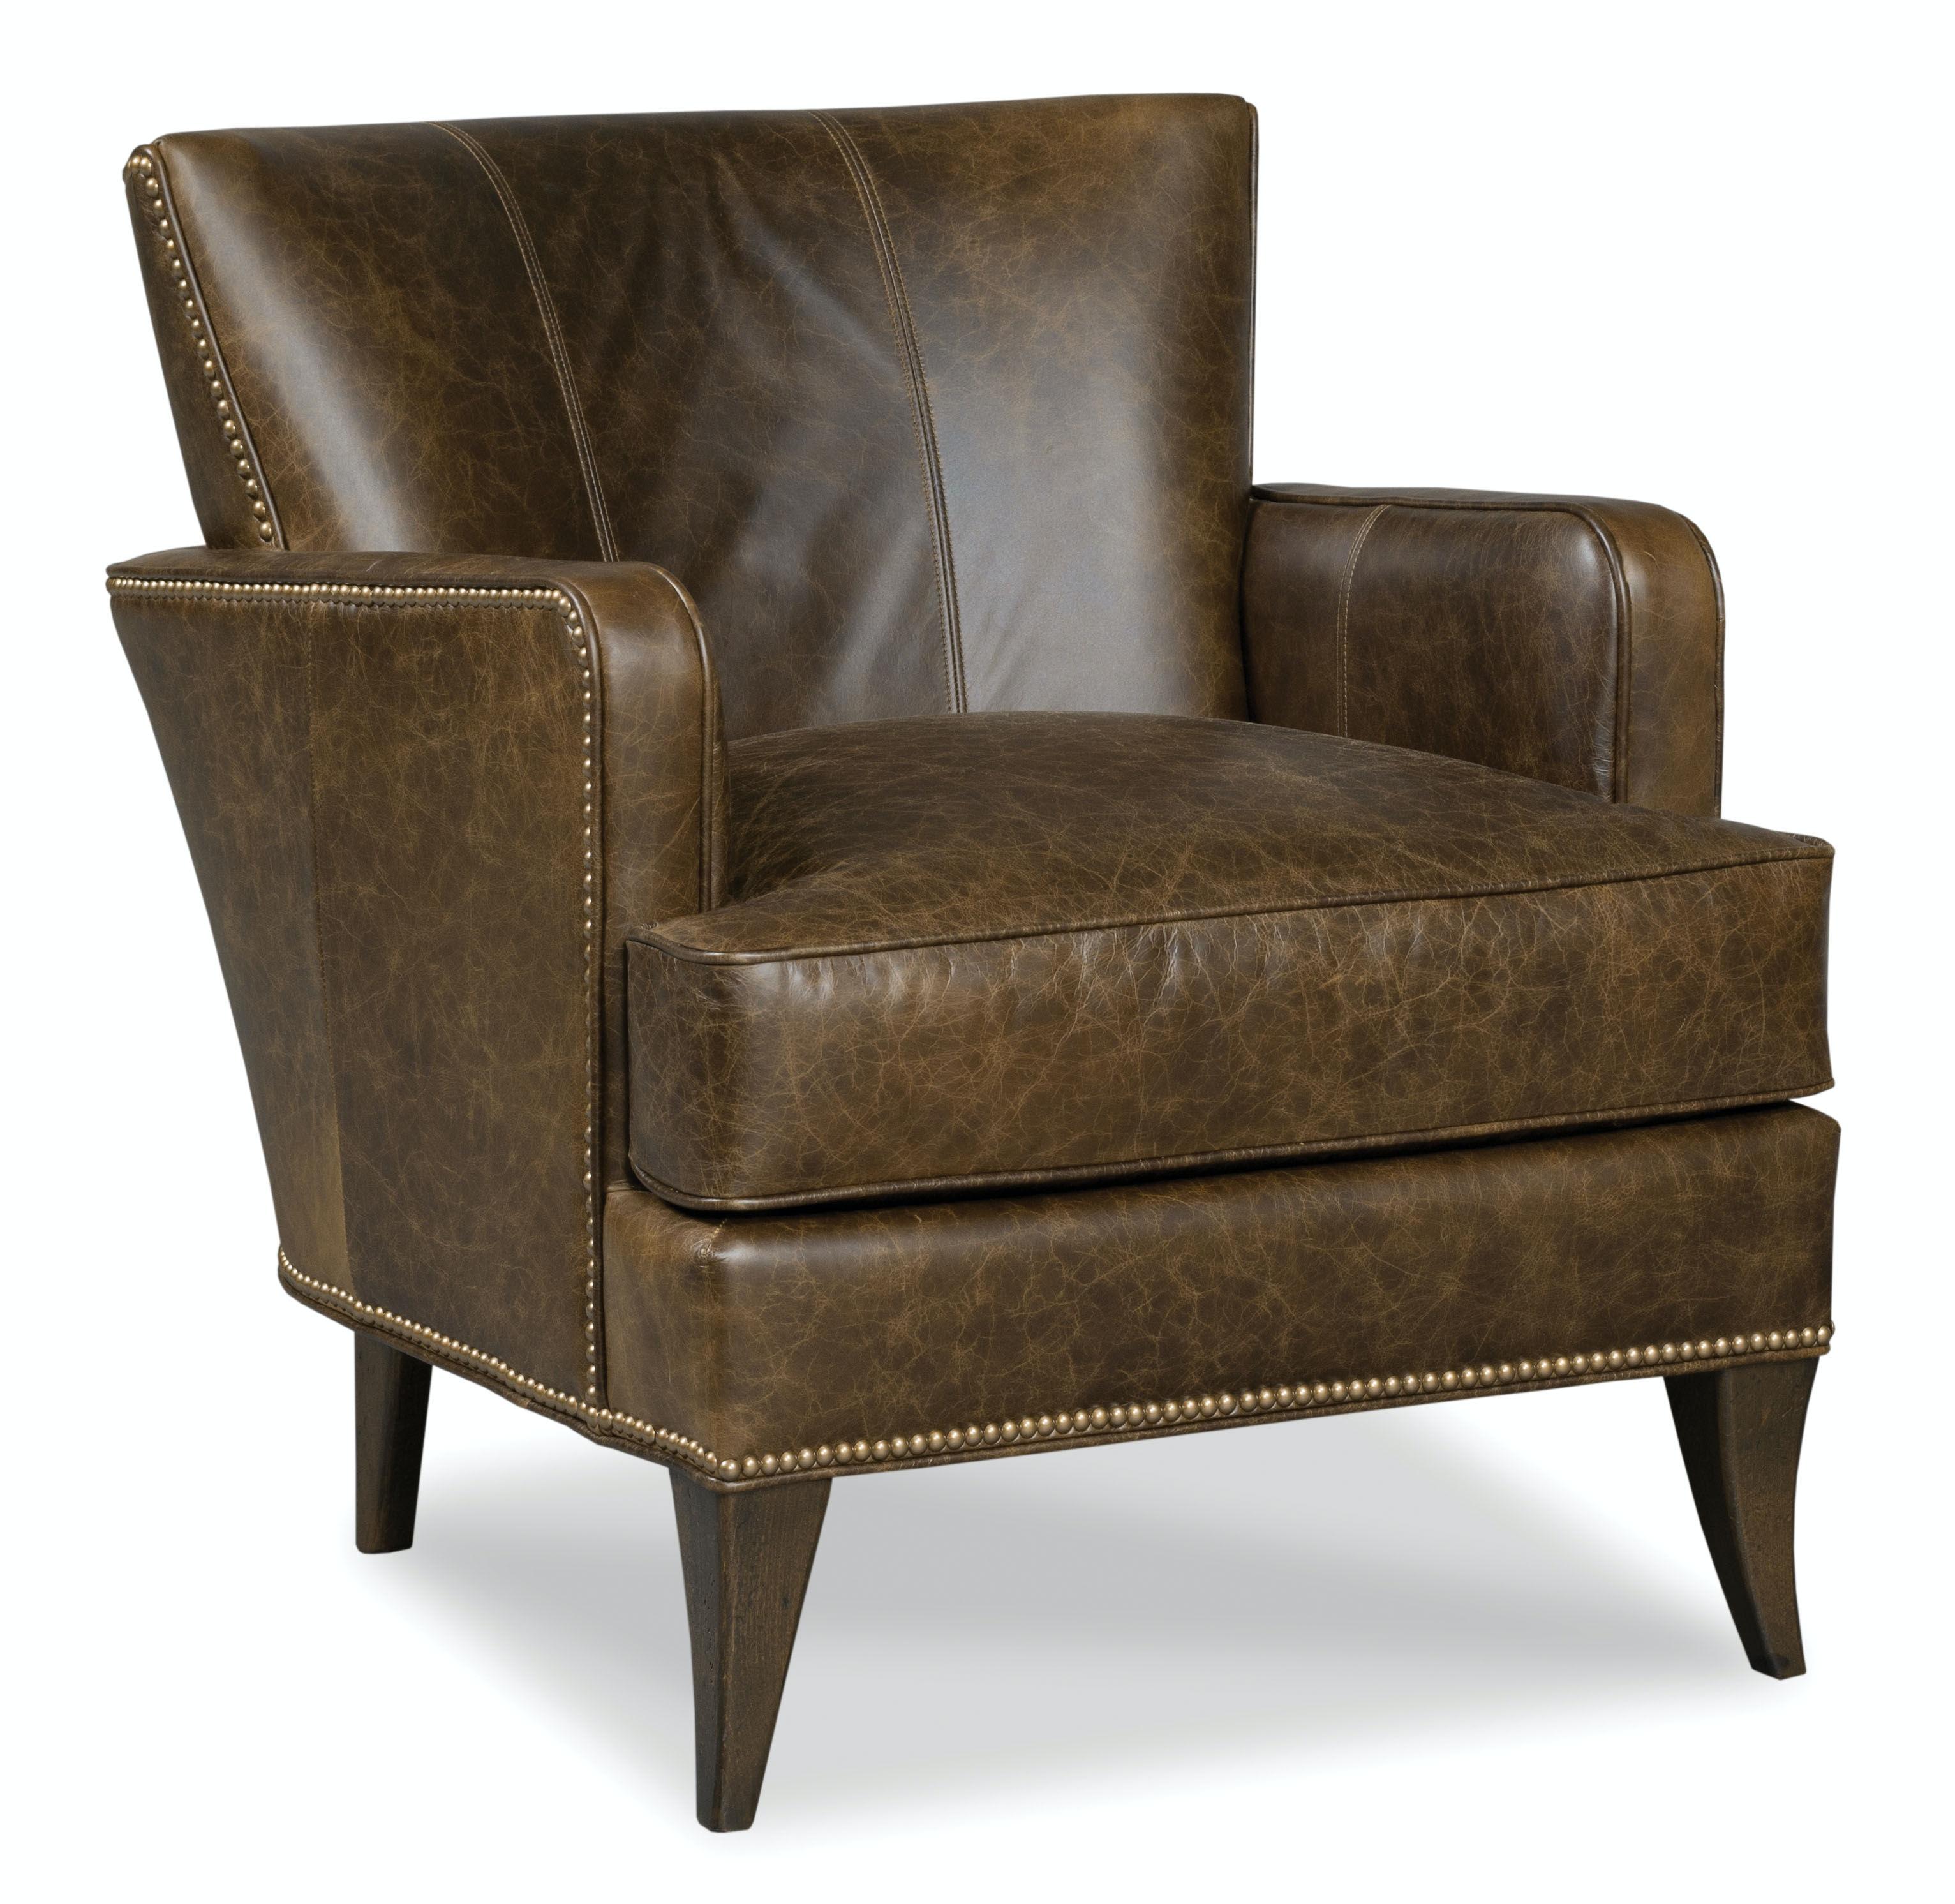 ... Fairfield Chair Company Kyle Lounge Chair 1434 01 ...